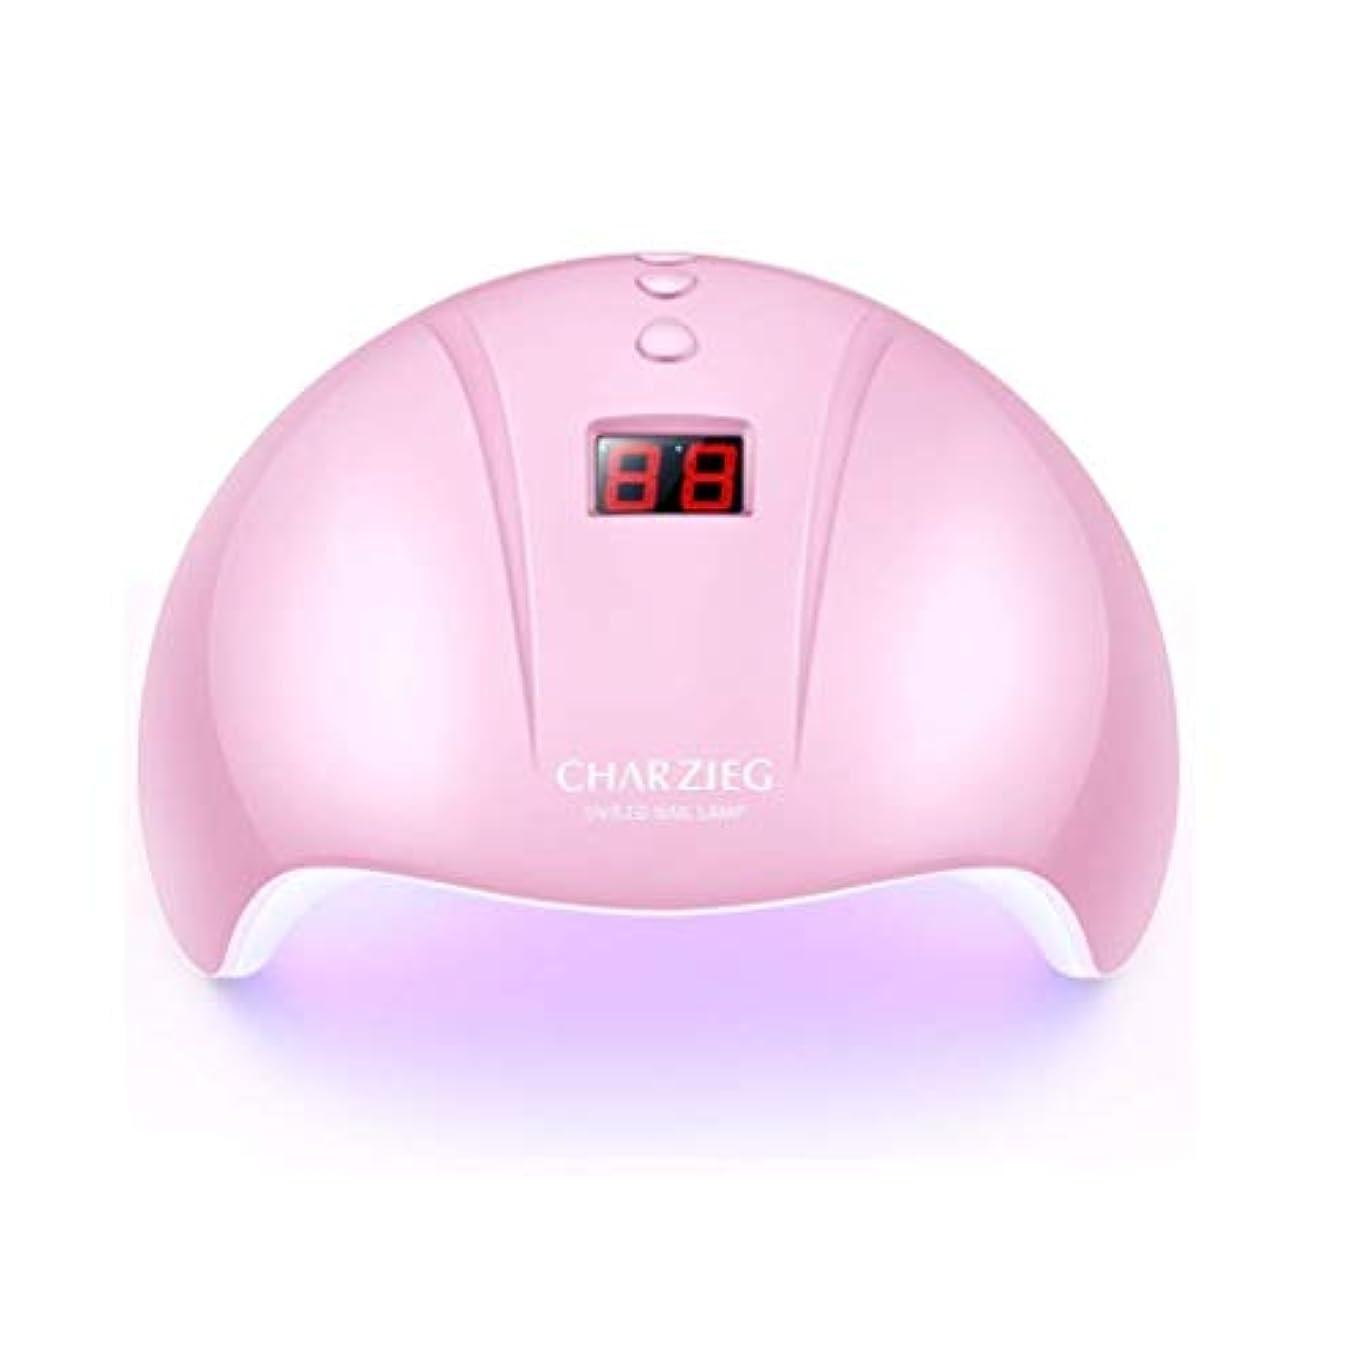 パートナー換気ワームHooAMI ネイルライト led ネイルドライヤー 硬化用uvライト ジェルネイル 36W LED 硬化 UVライト 高速硬化ジェルネイルライト赤外線検知 手&足両用 自動センサー 3段階タイマー付きUSB式 (ピンク2)